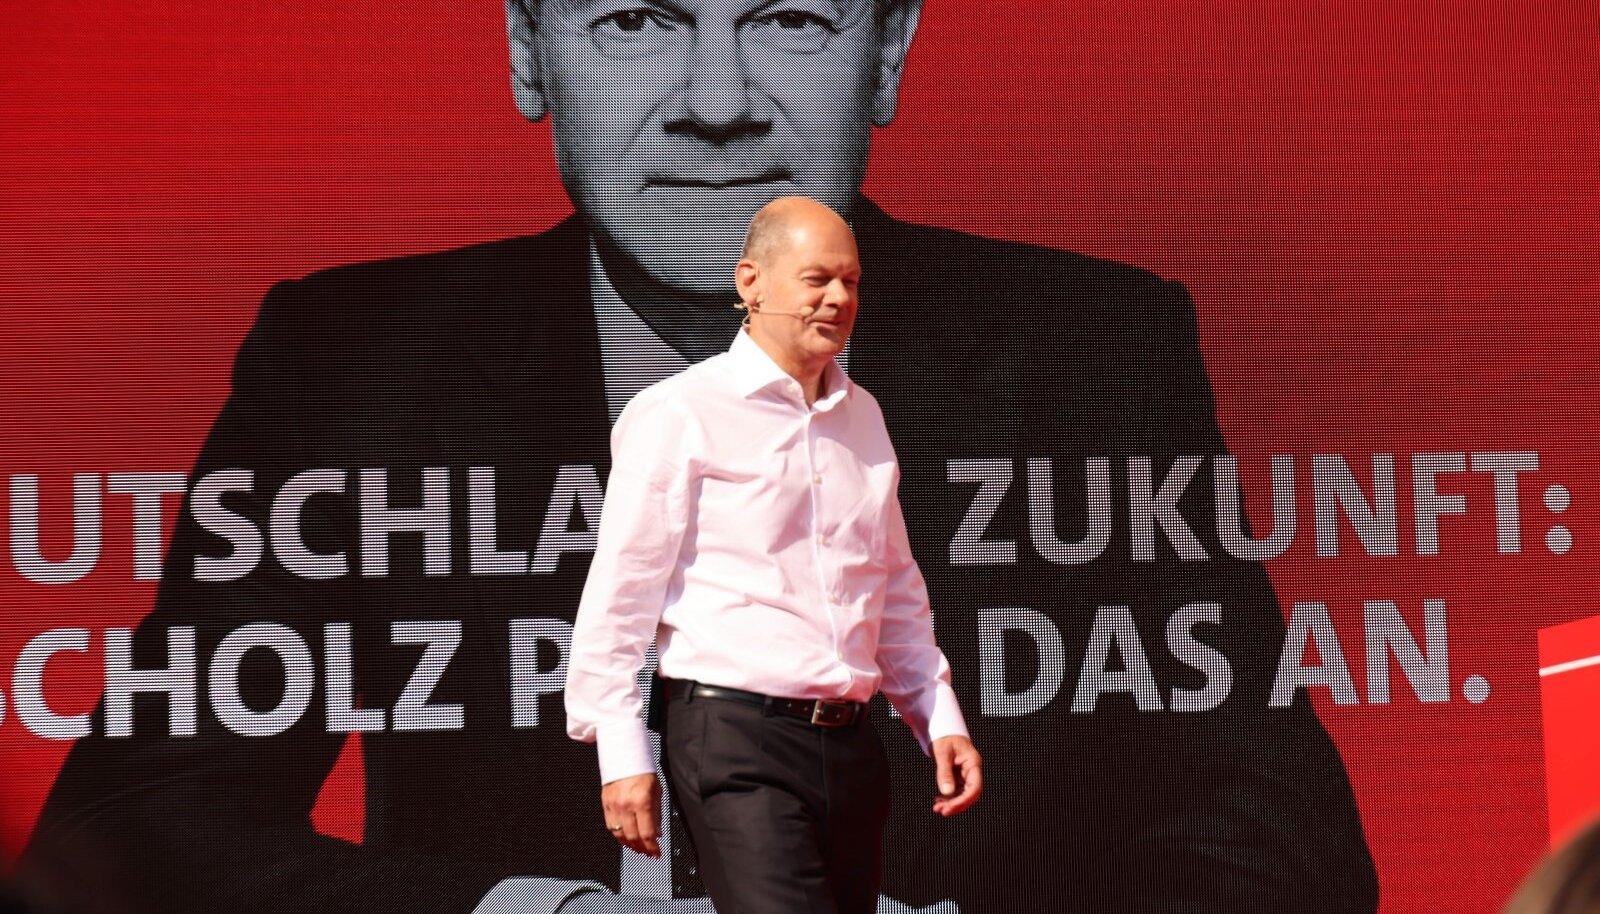 Olaf Scholz laupäevasel kampaaniasündmusel Göttingenis